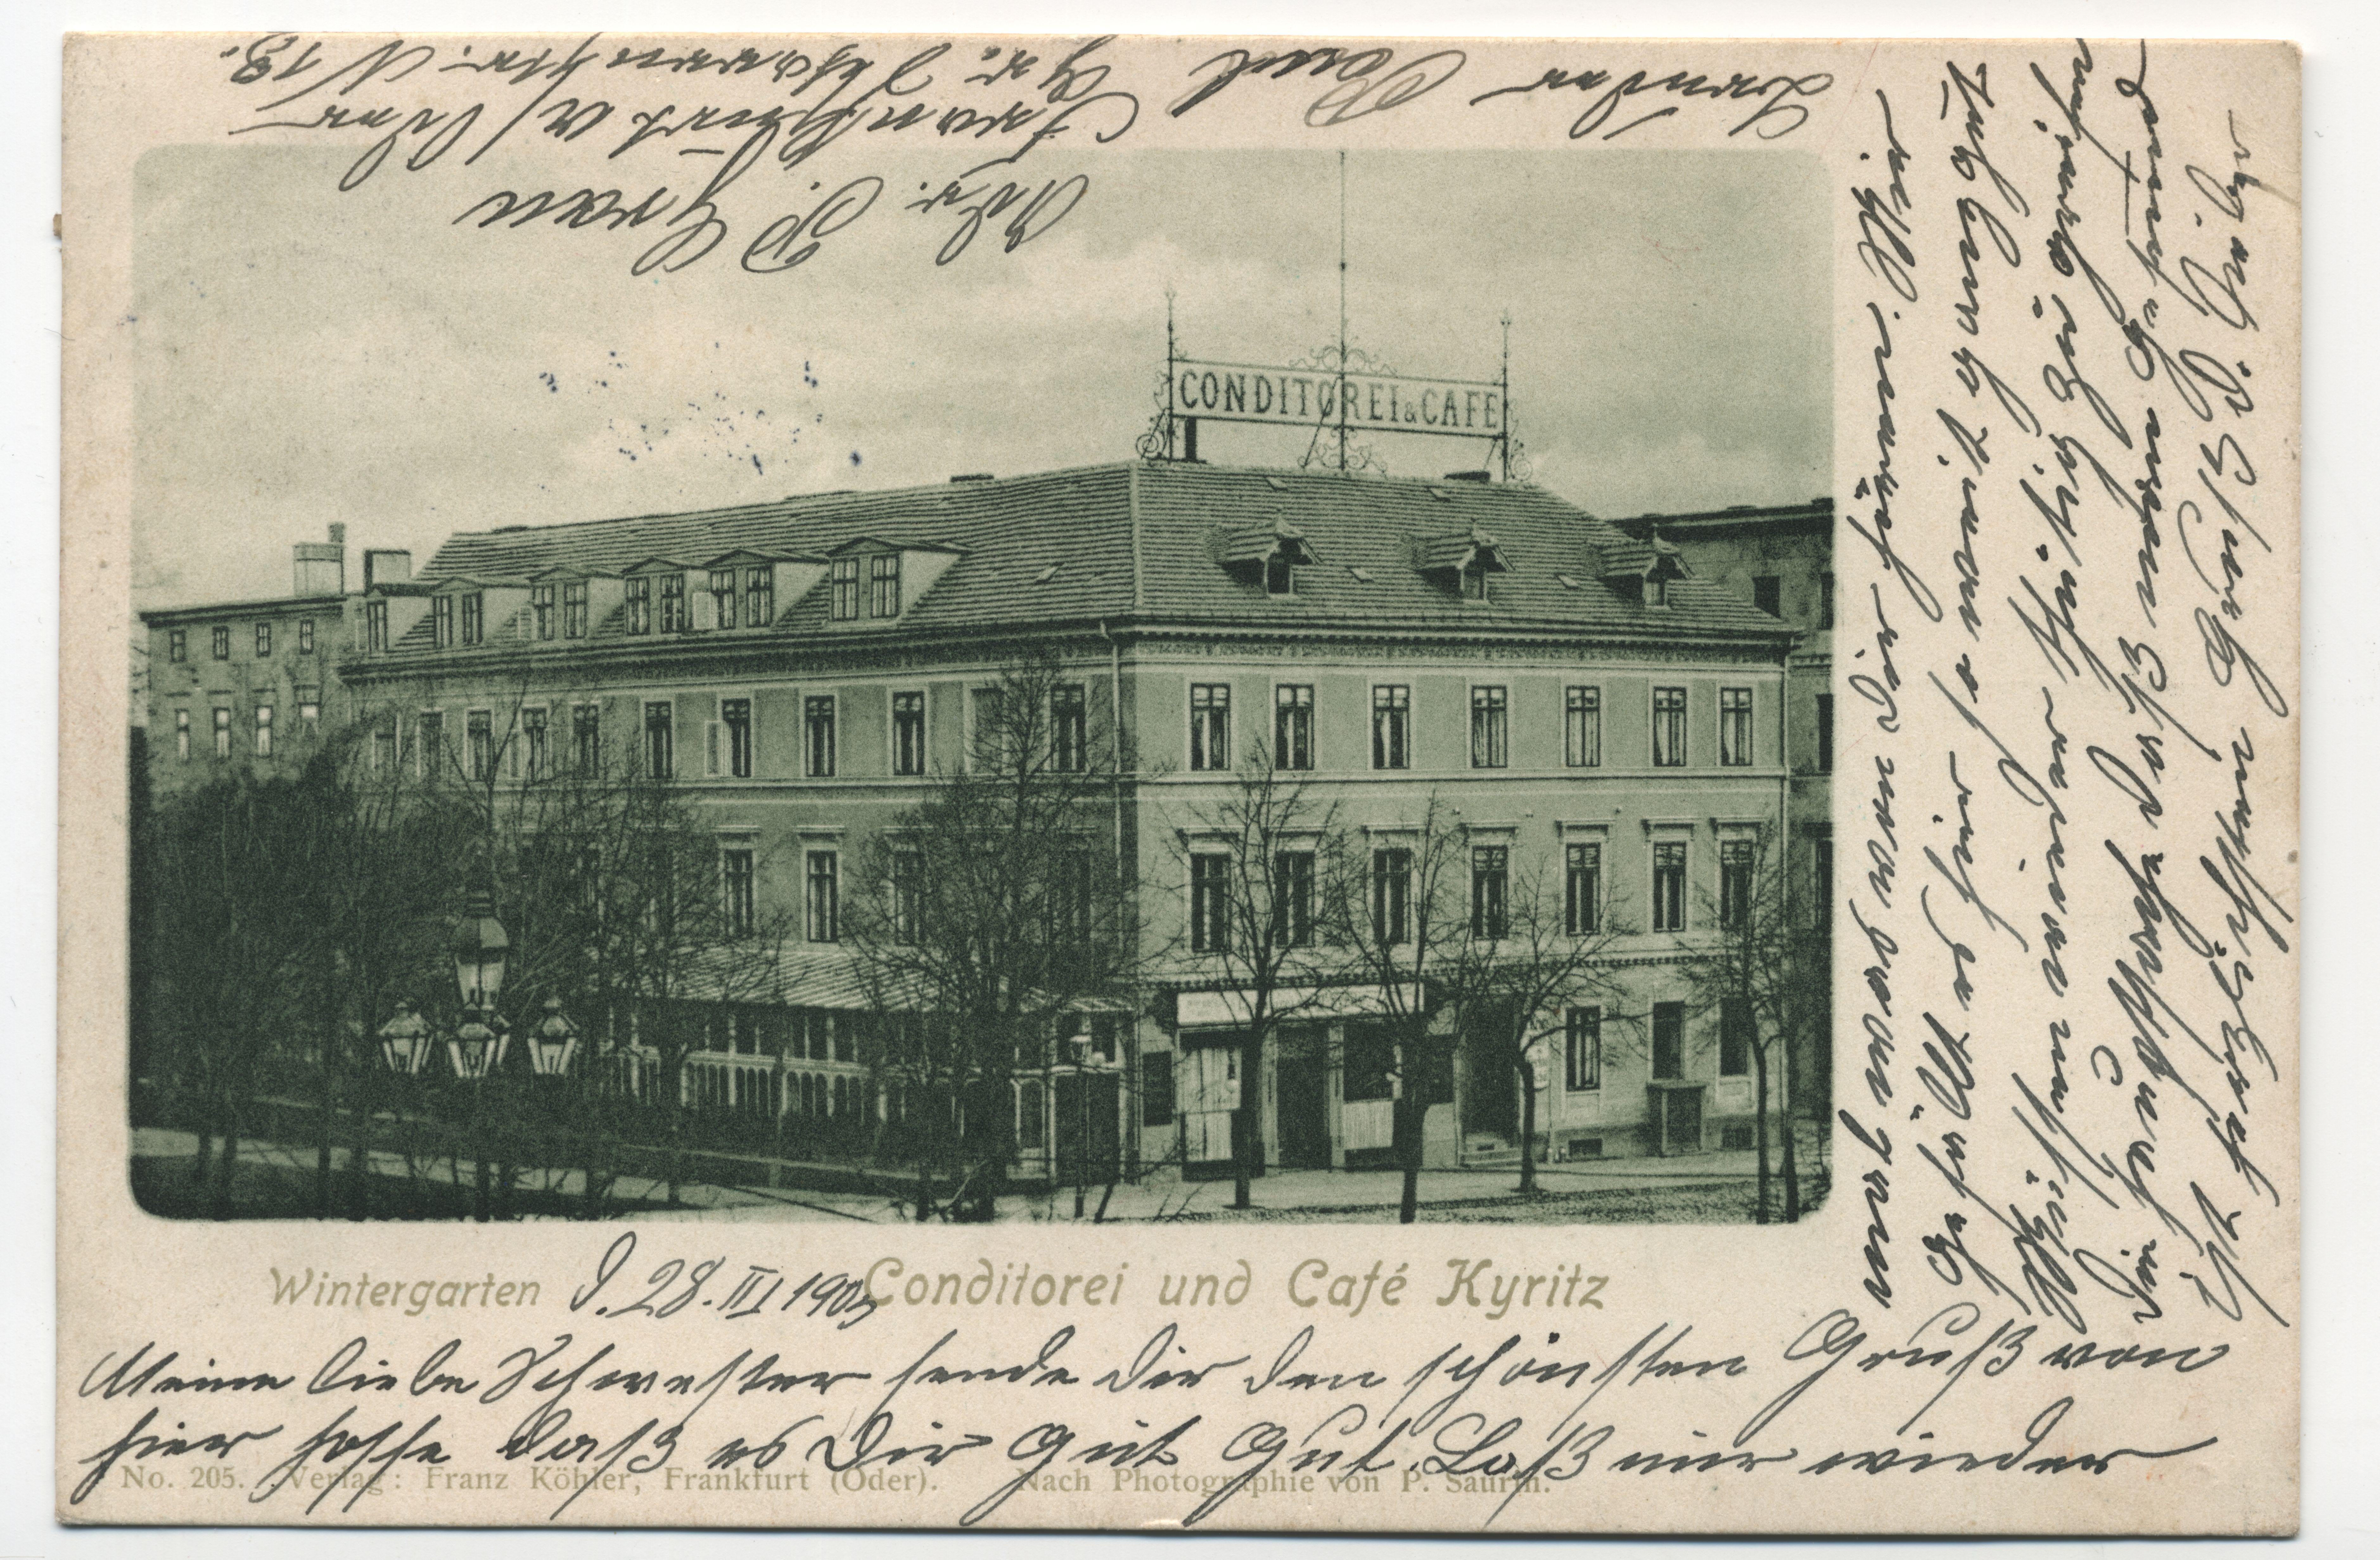 File Frankfurt Oder Wintergarten Conditorei Und Cafe Kyritz